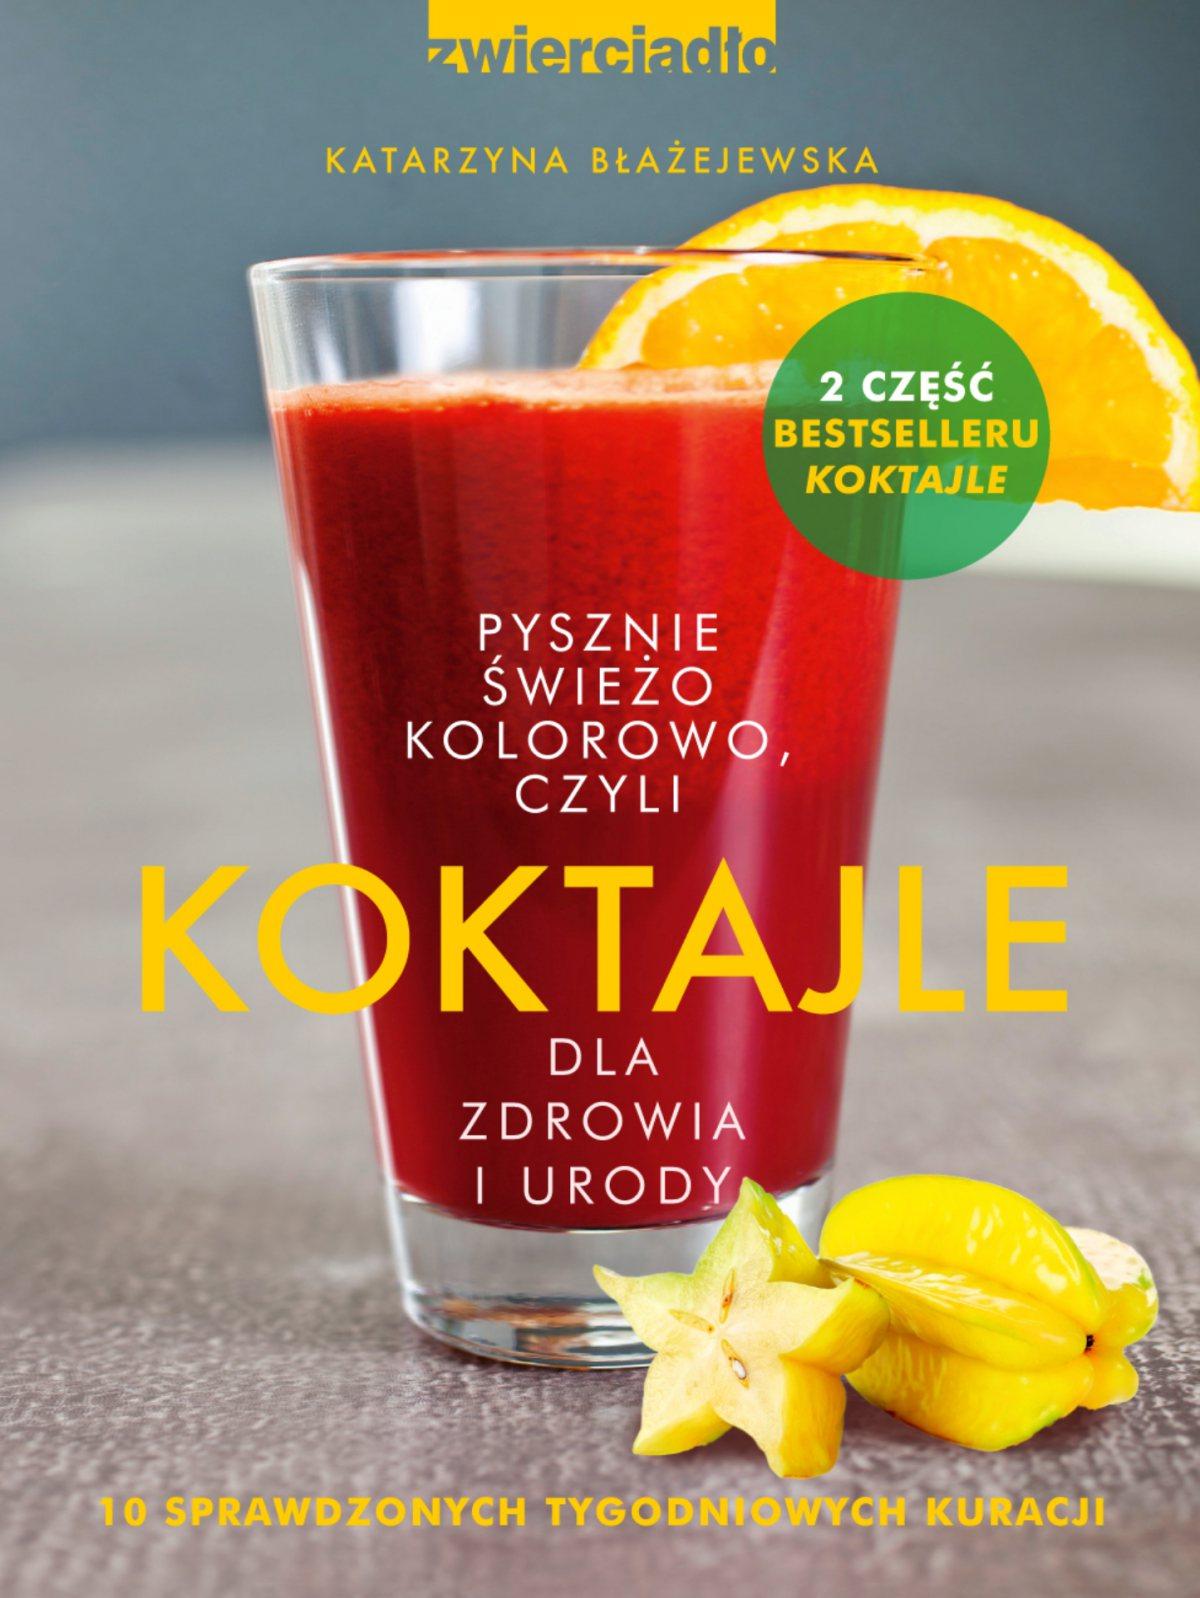 Koktajle dla zdrowia i urody czyli pysznie, świeżo, kolorowo - Ebook (Książka na Kindle) do pobrania w formacie MOBI